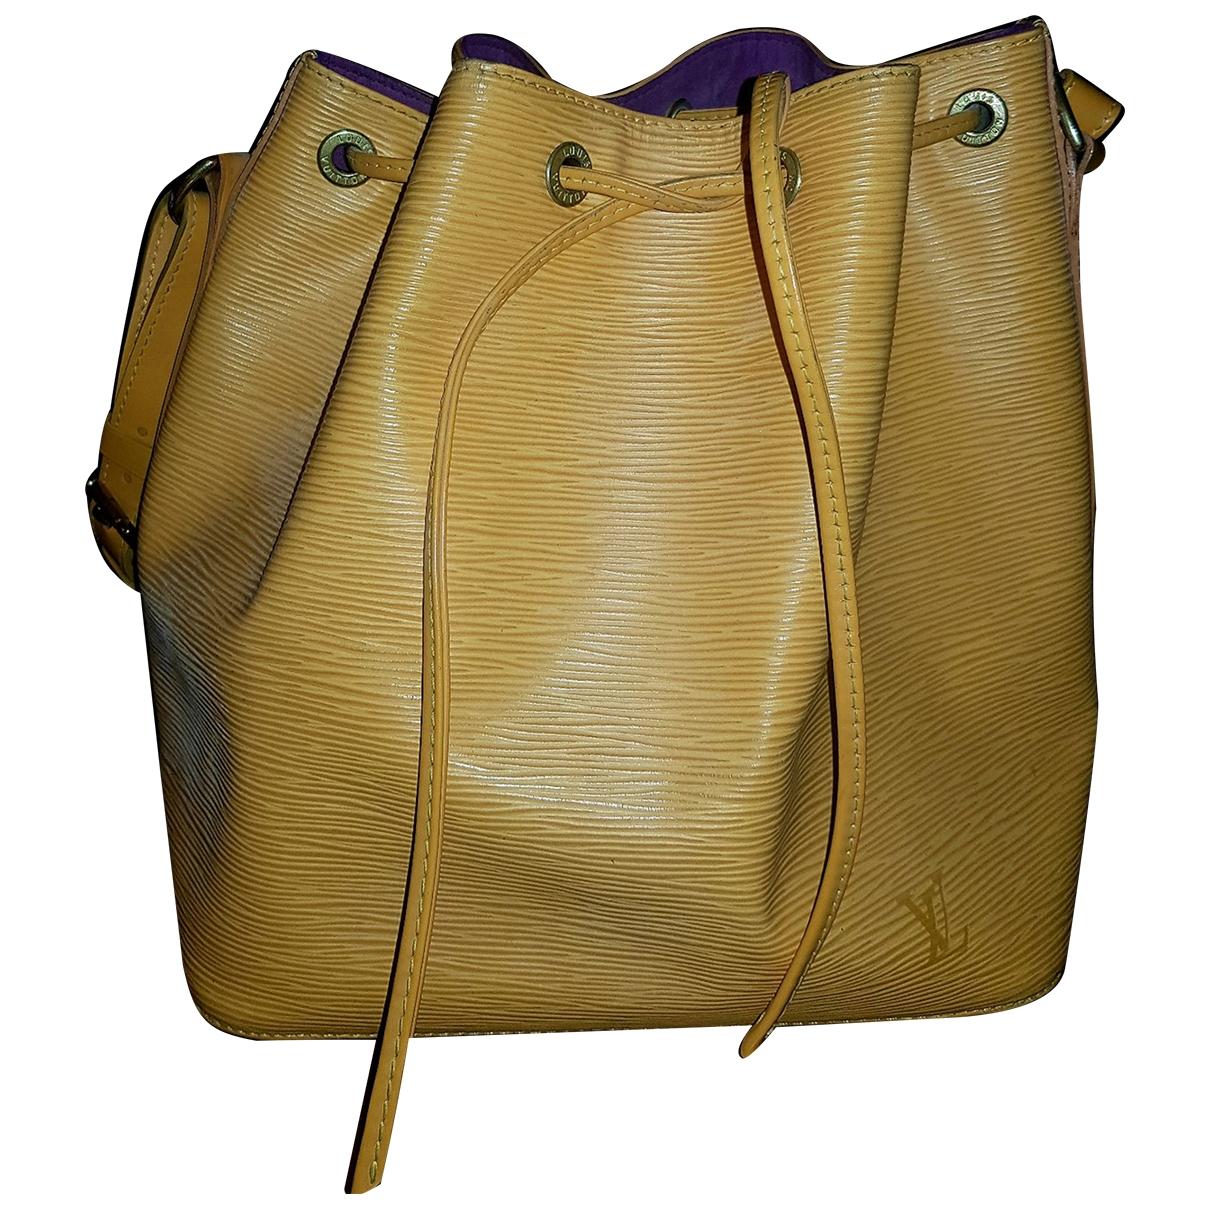 Louis Vuitton - Sac a main NeoNoe pour femme en cuir - jaune